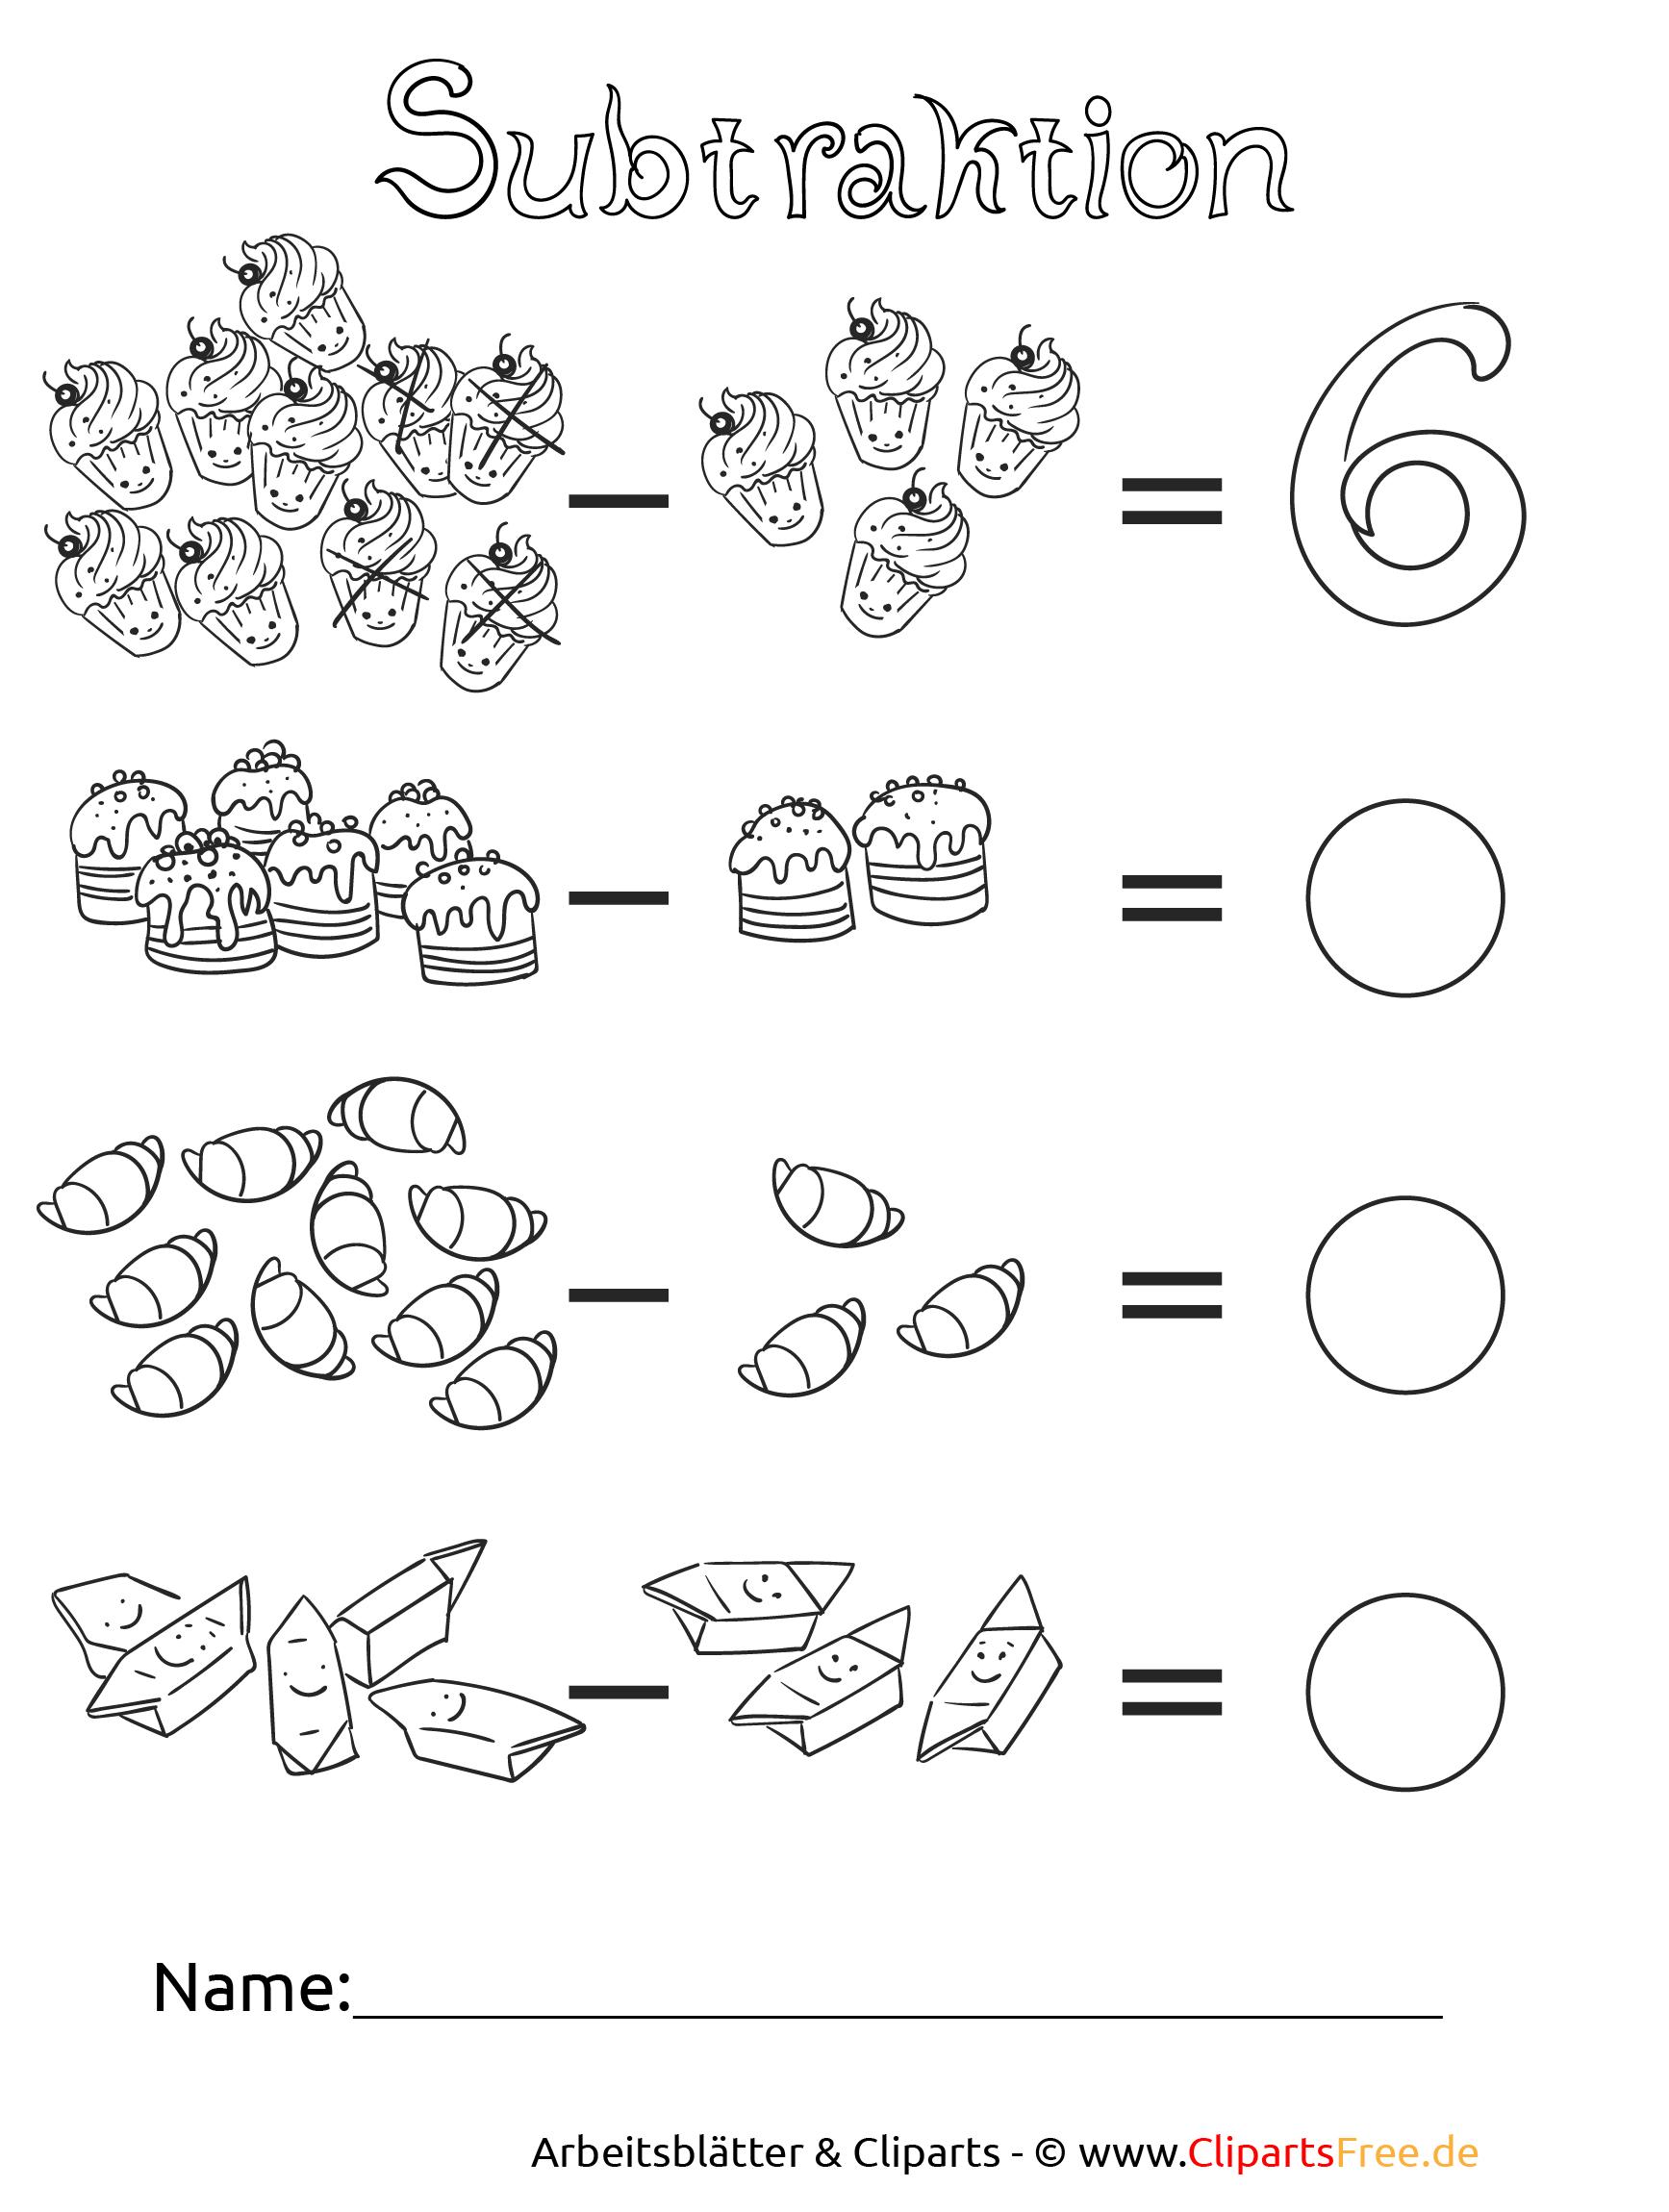 Subtraktion Zahlenraum bis 10 für Grundschule Druckvorlage